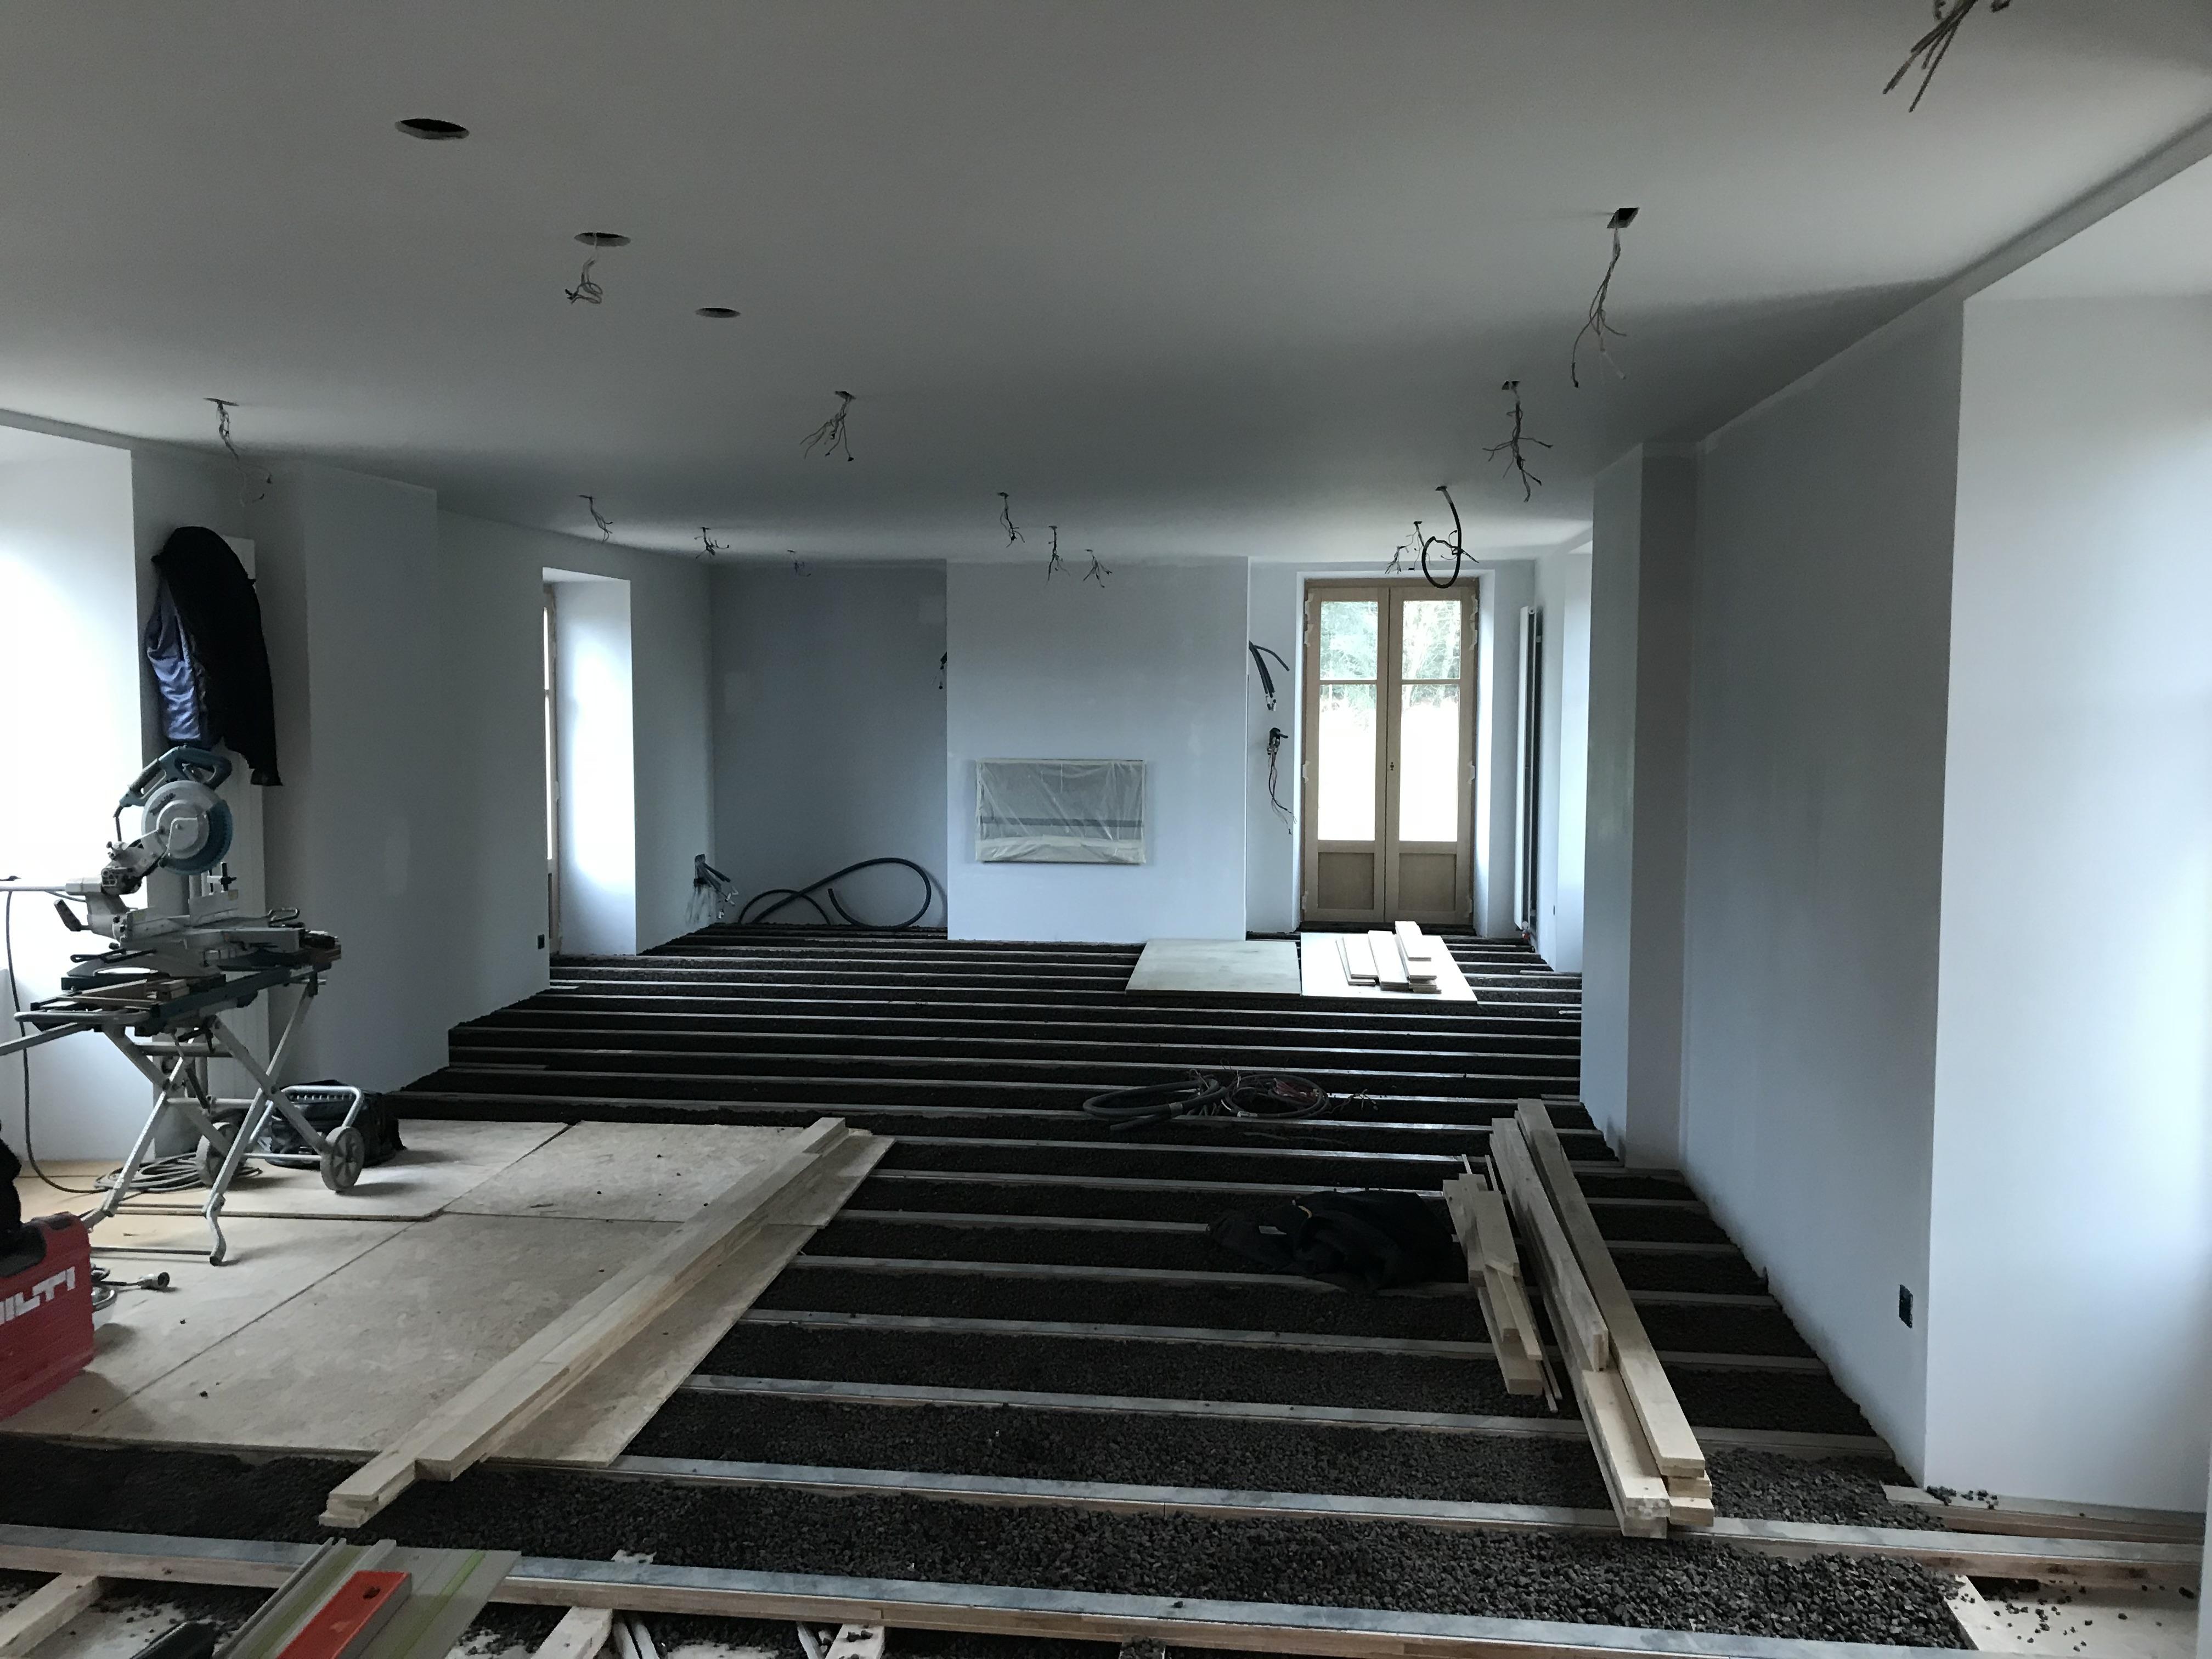 Avancement des travaux pour le nouvel aménagement du salon et de la salle à manger